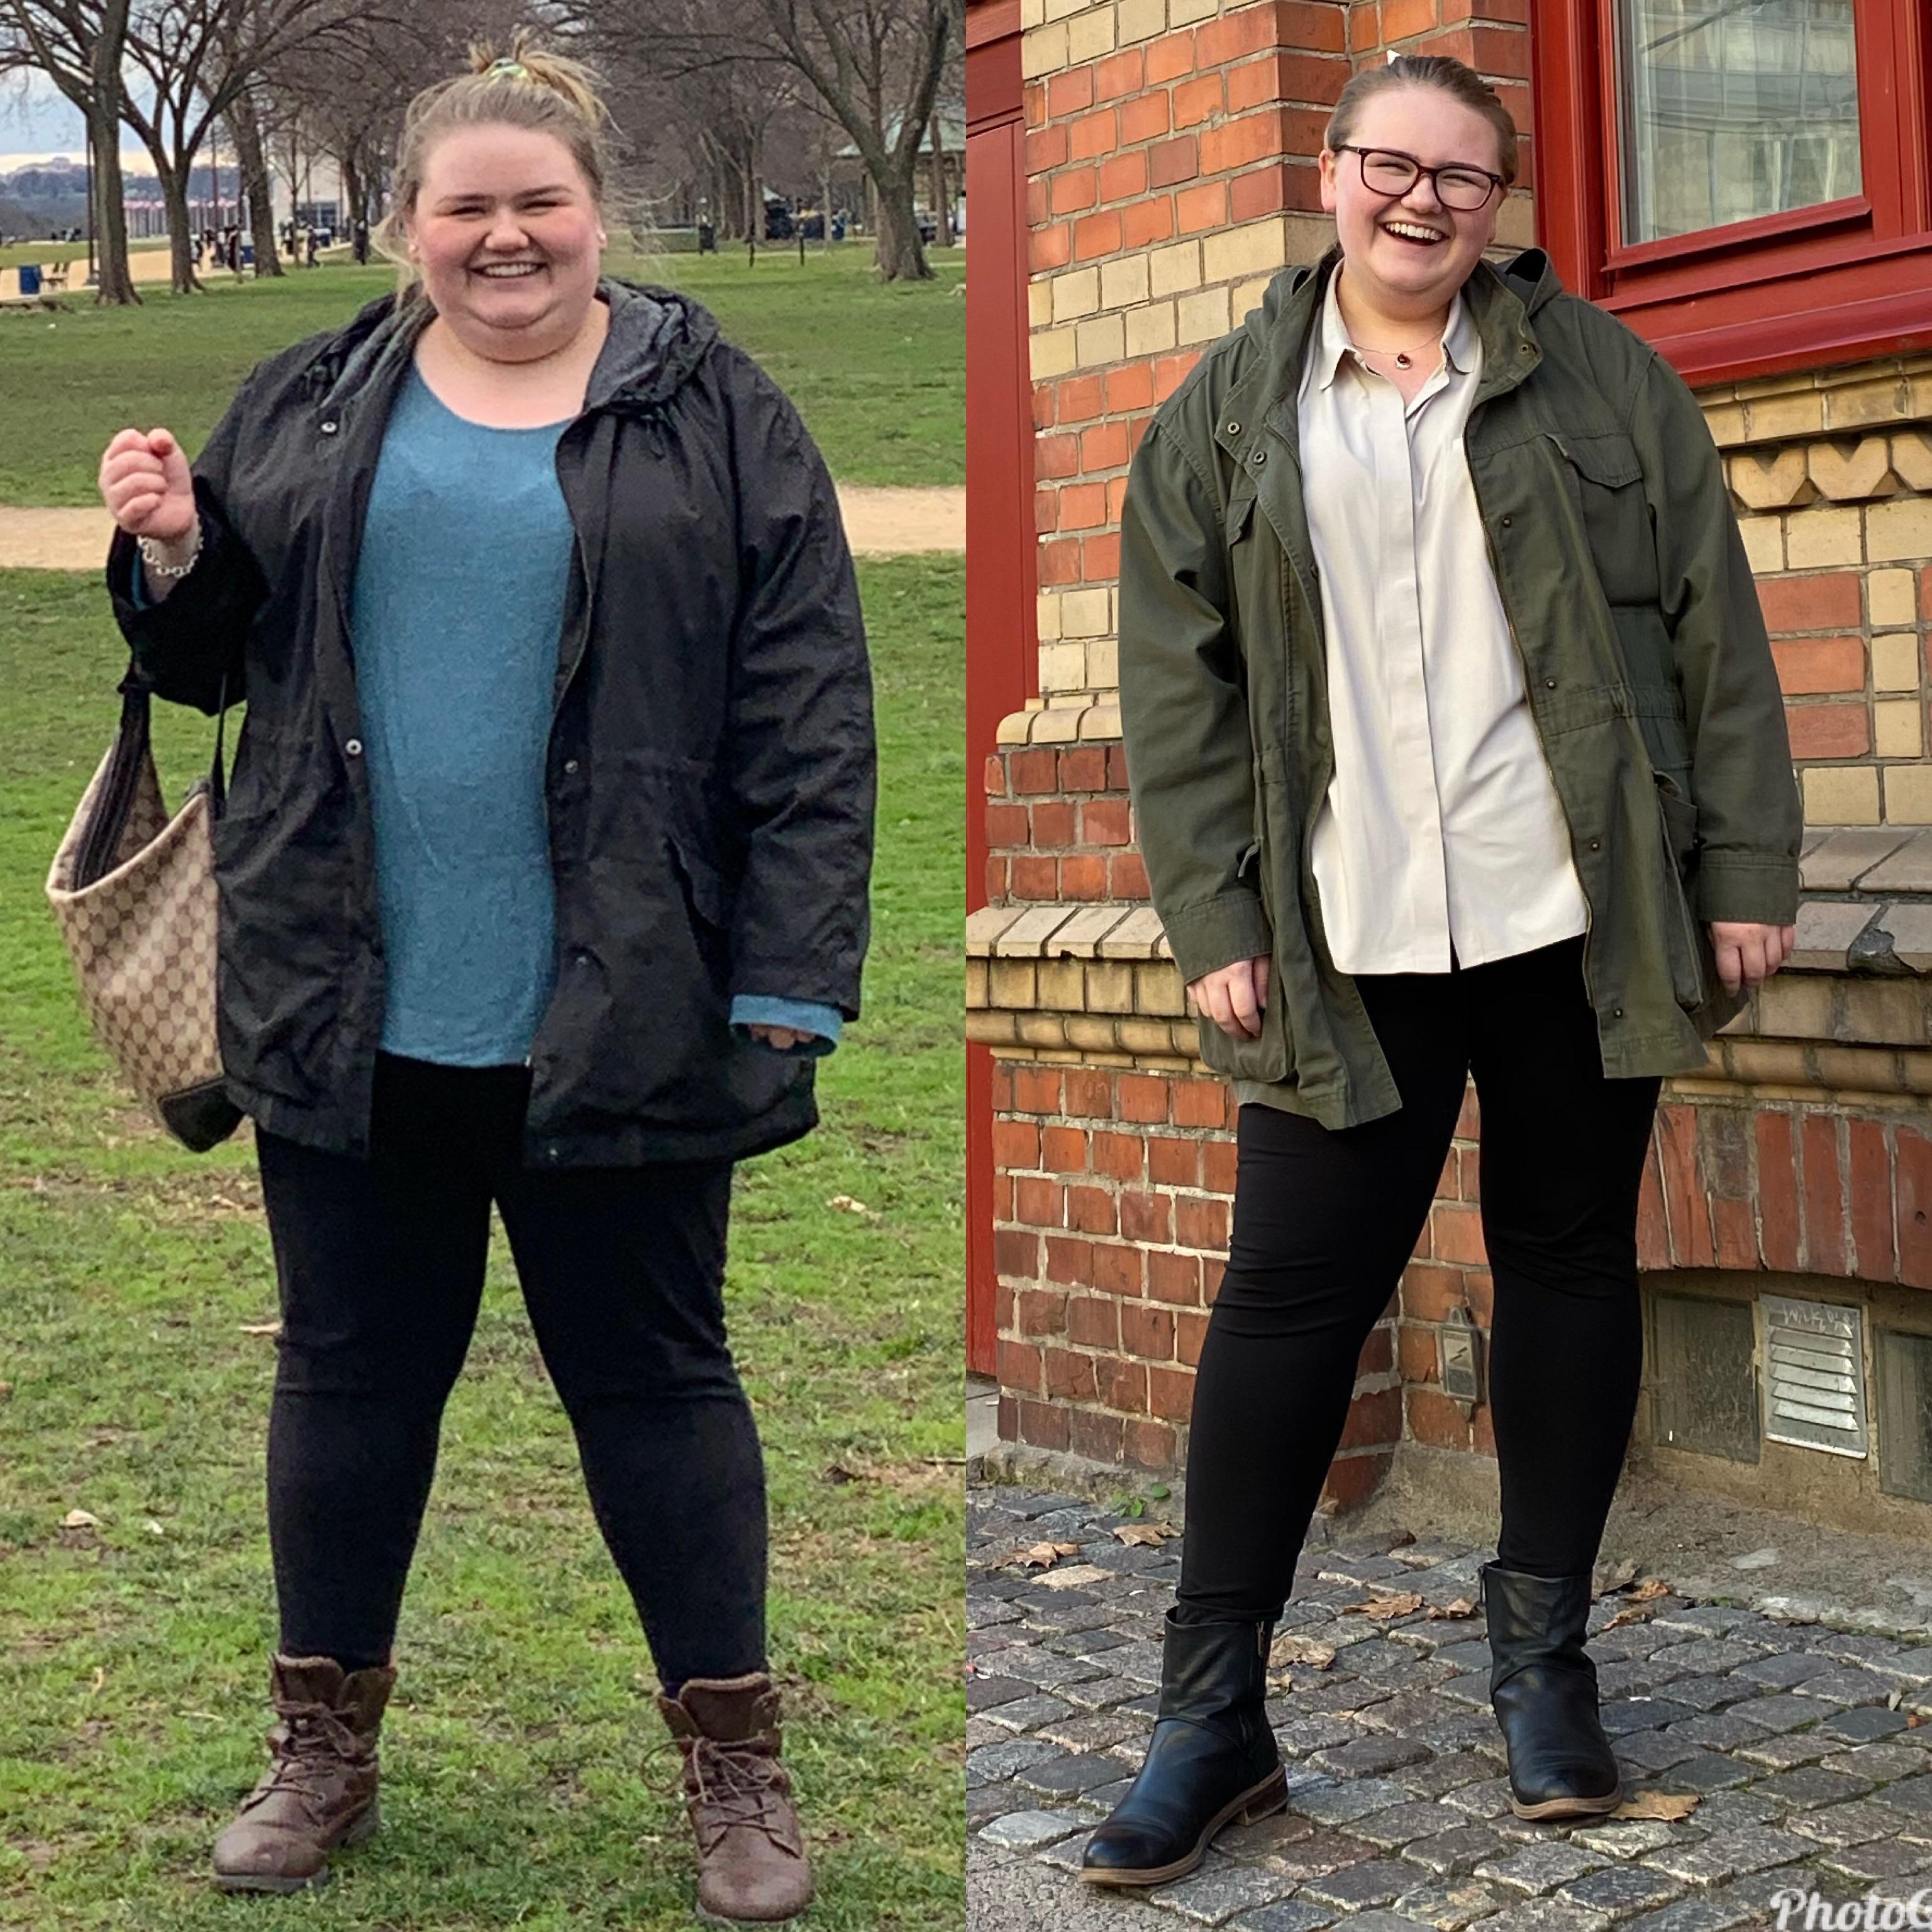 Progress Pics of 90 lbs Fat Loss 5'7 Female 350 lbs to 260 lbs